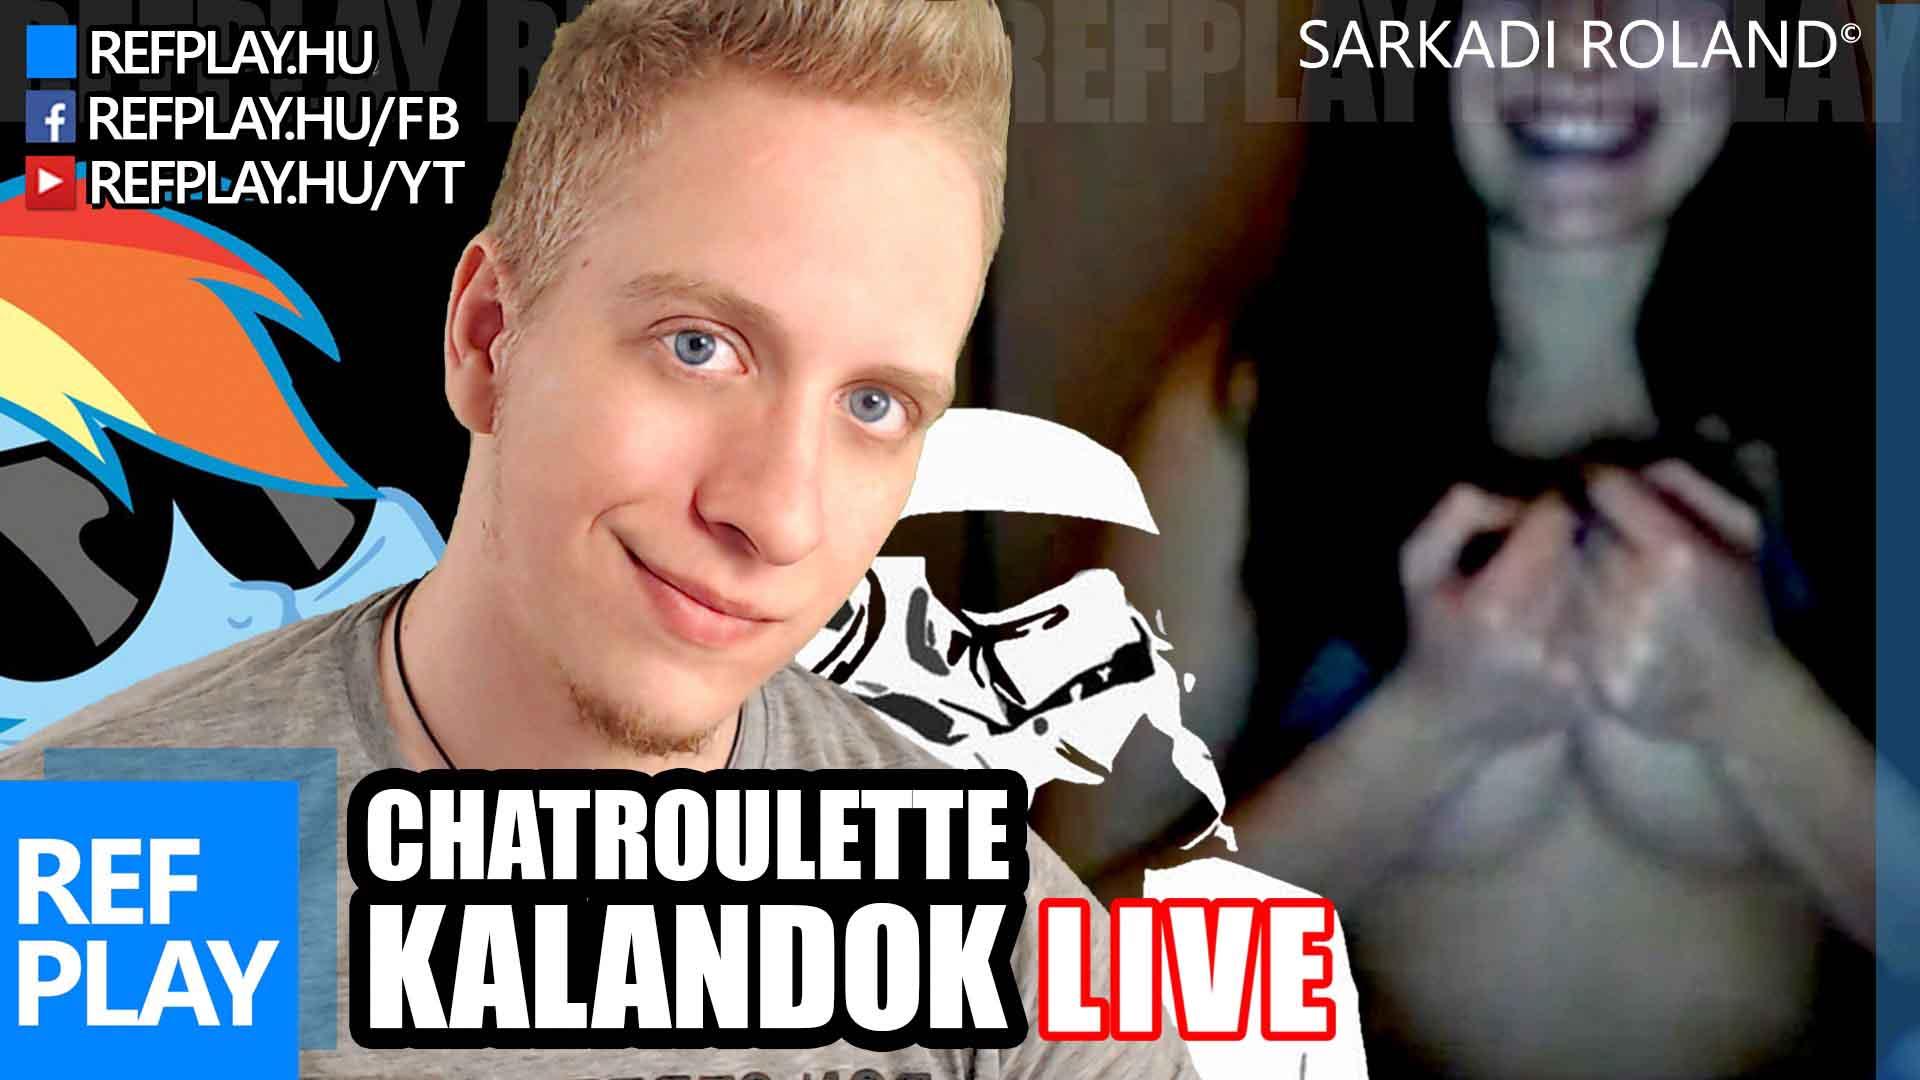 CSAJOK-CHATEN-CHATROULETTE-KALANDOK-REFPLAY